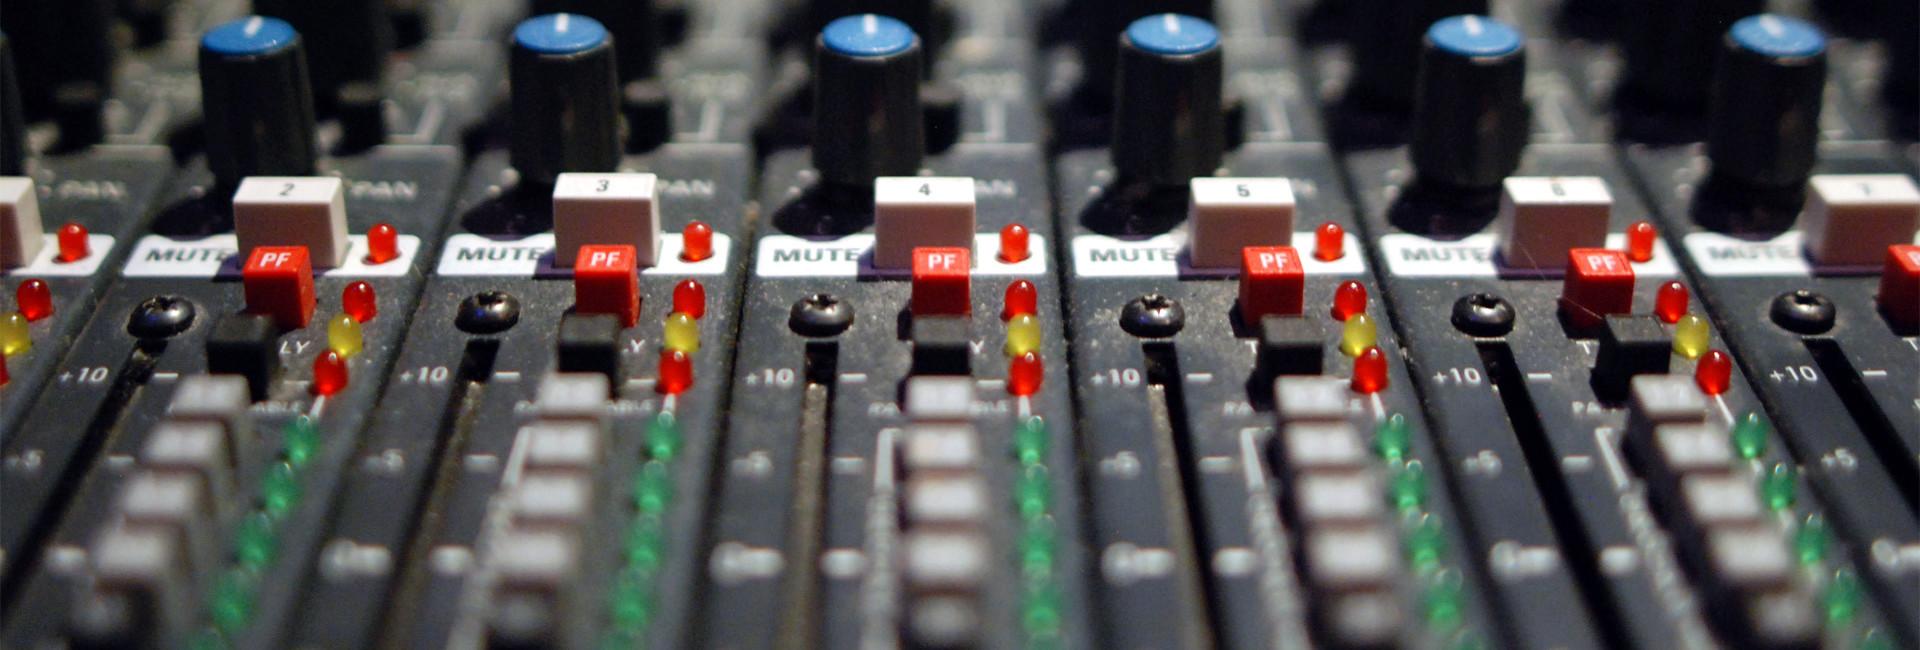 Ηχογράφηση και μίξη ήχου AKu